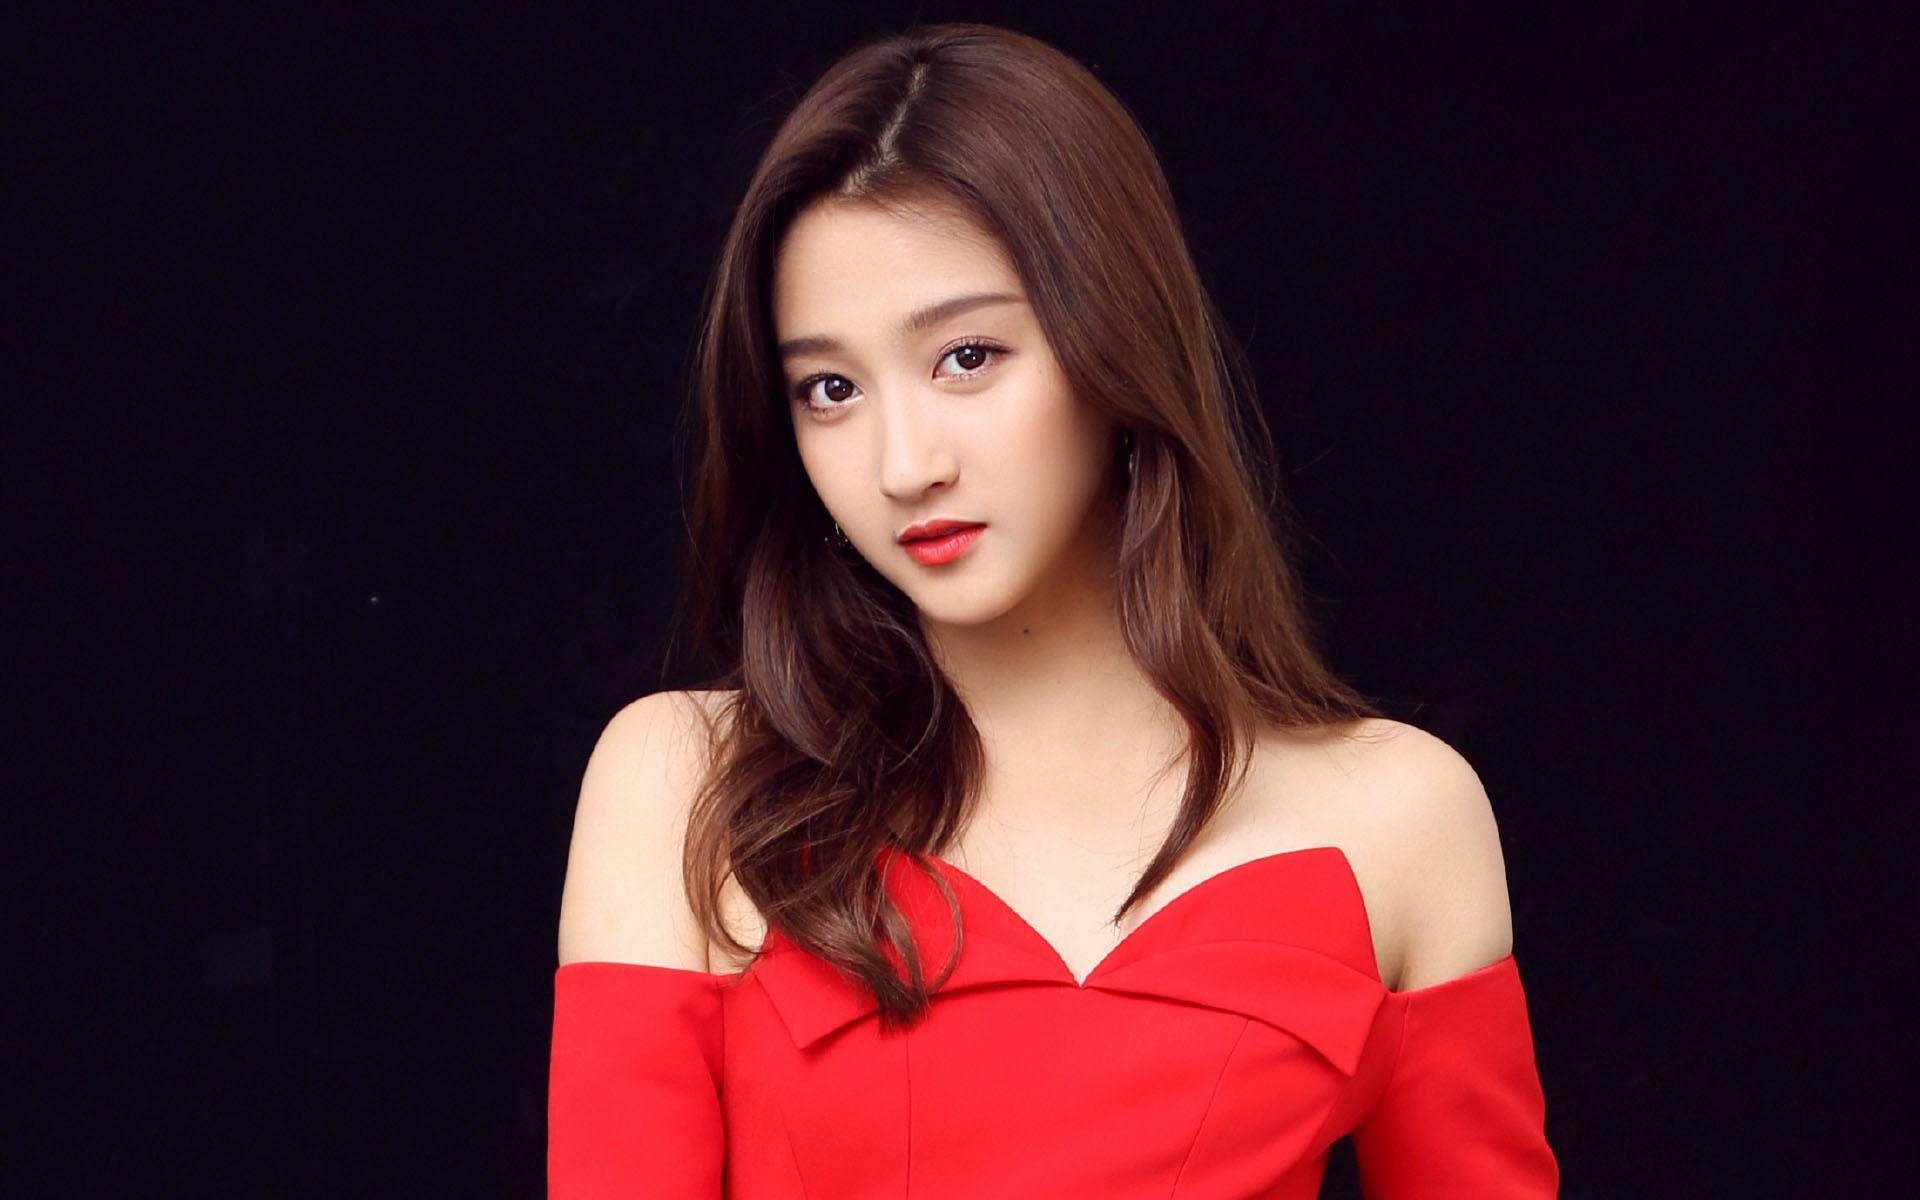 关晓彤红裙最新高清图片桌面壁纸